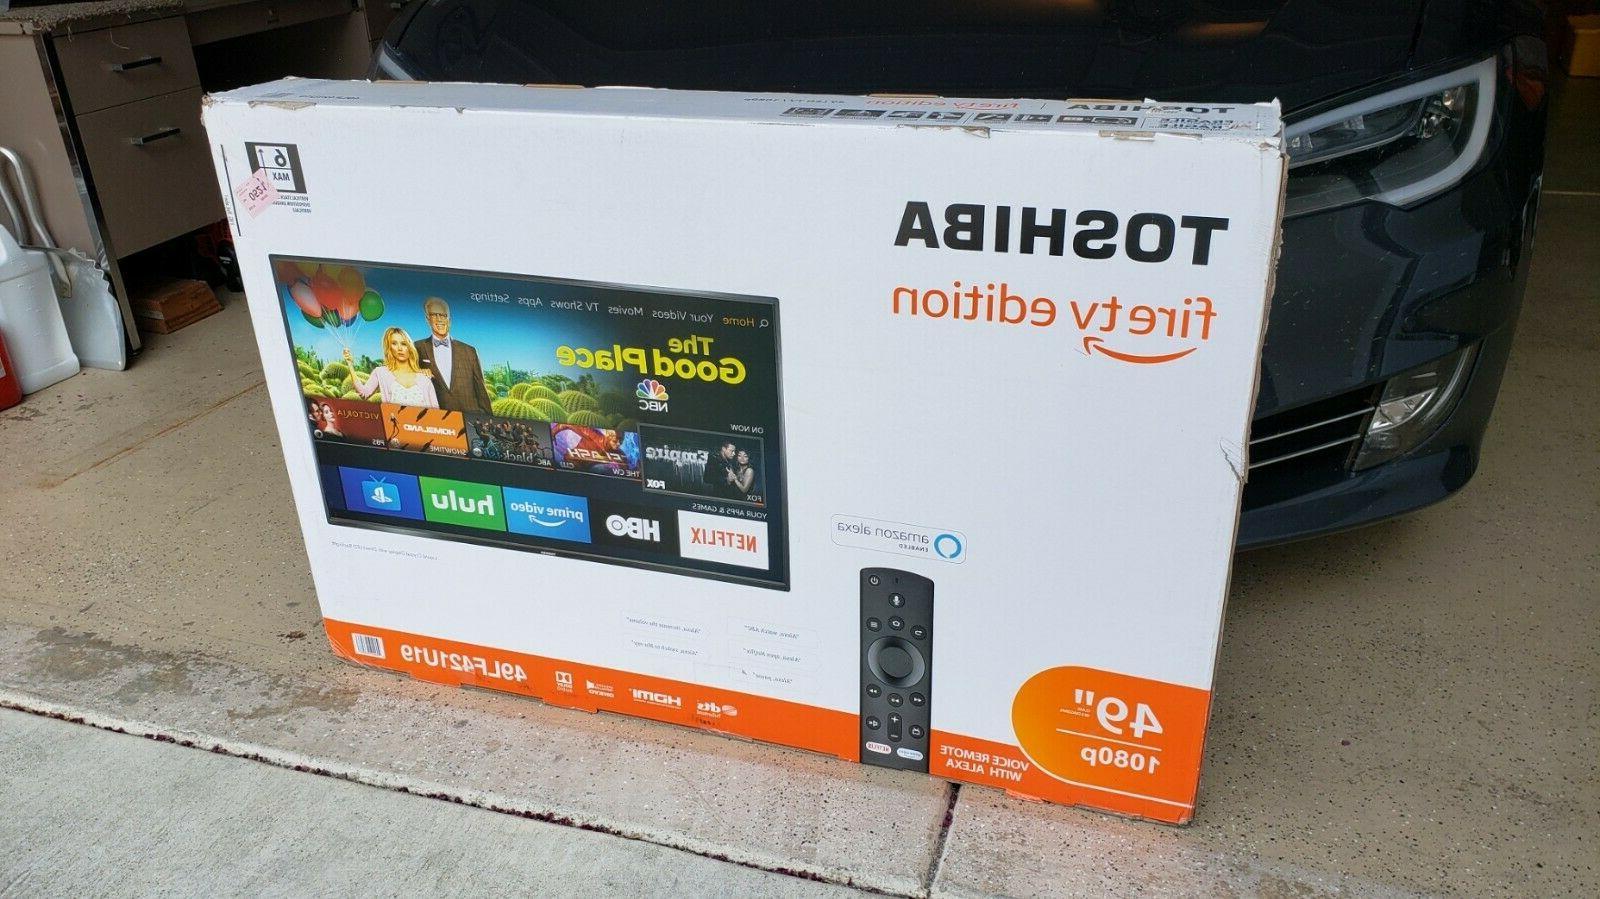 49lf421u19 49 inch smart led tv fire